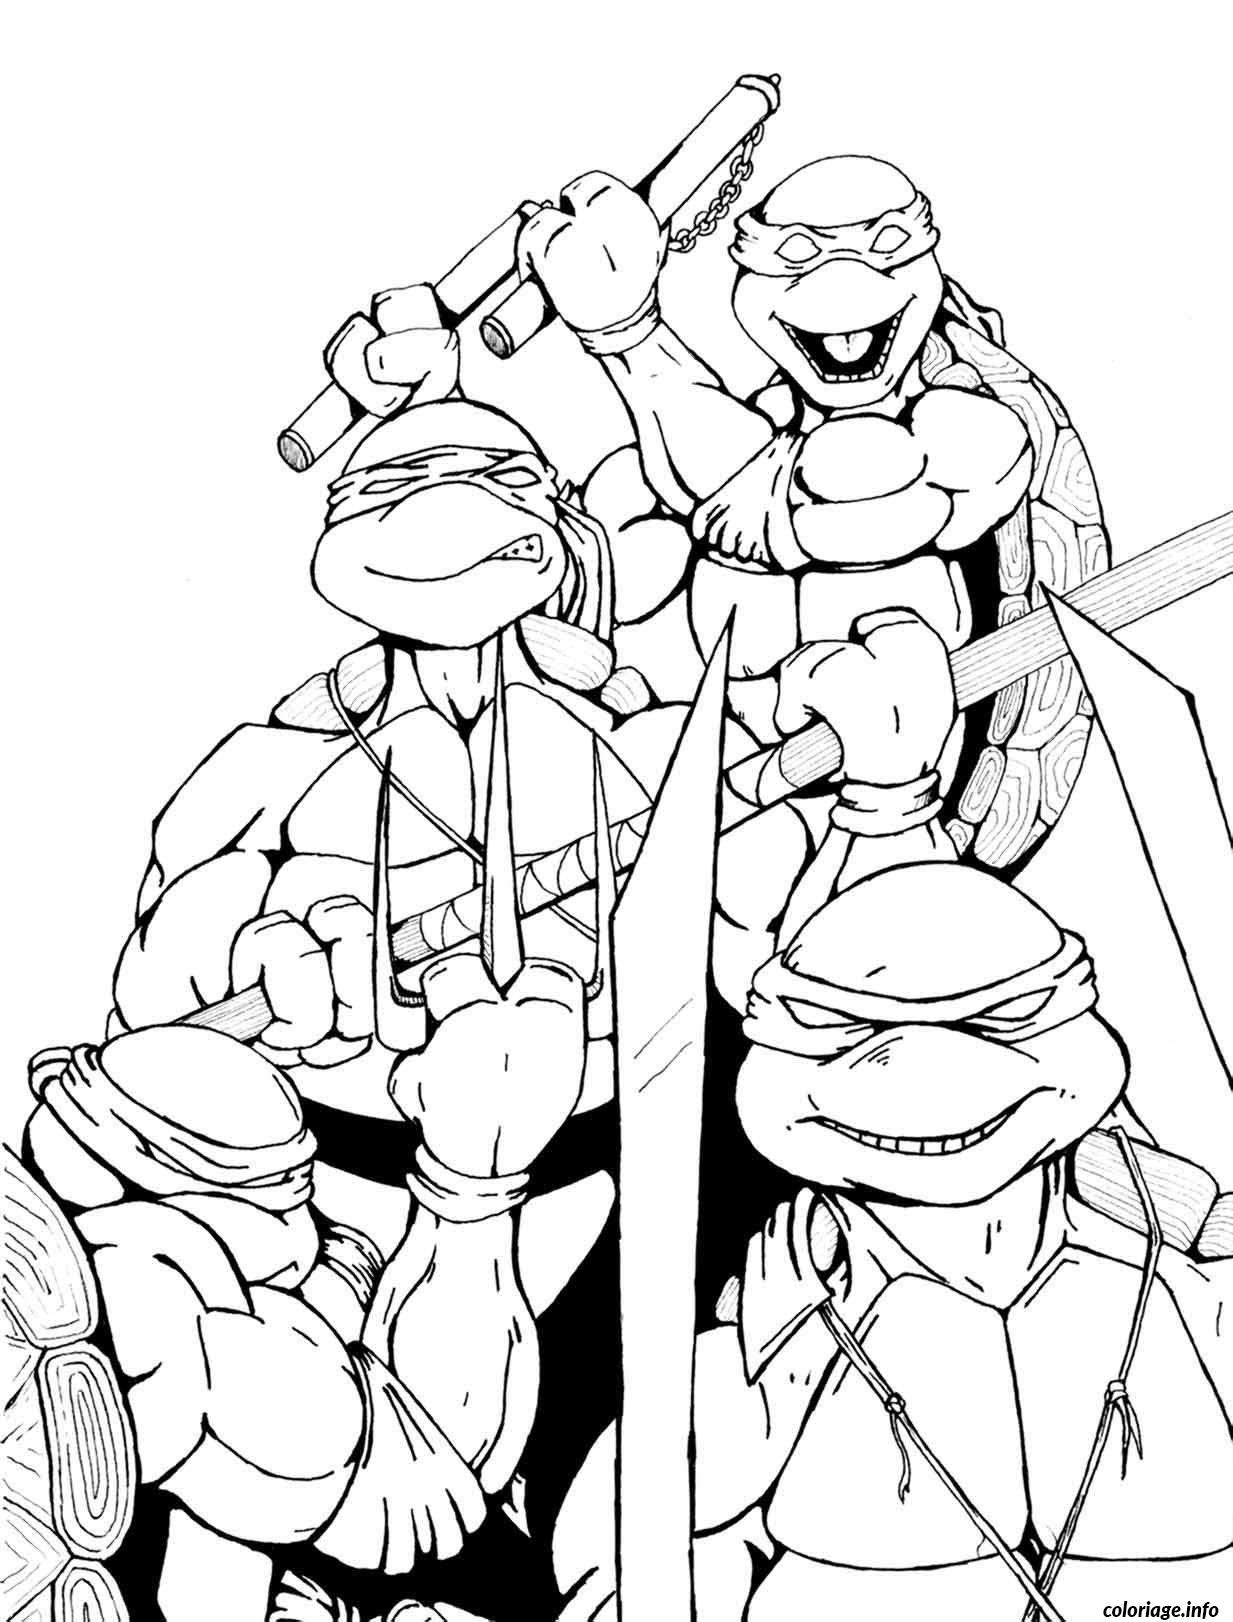 Coloriage Tortue Ninja 186 dessin